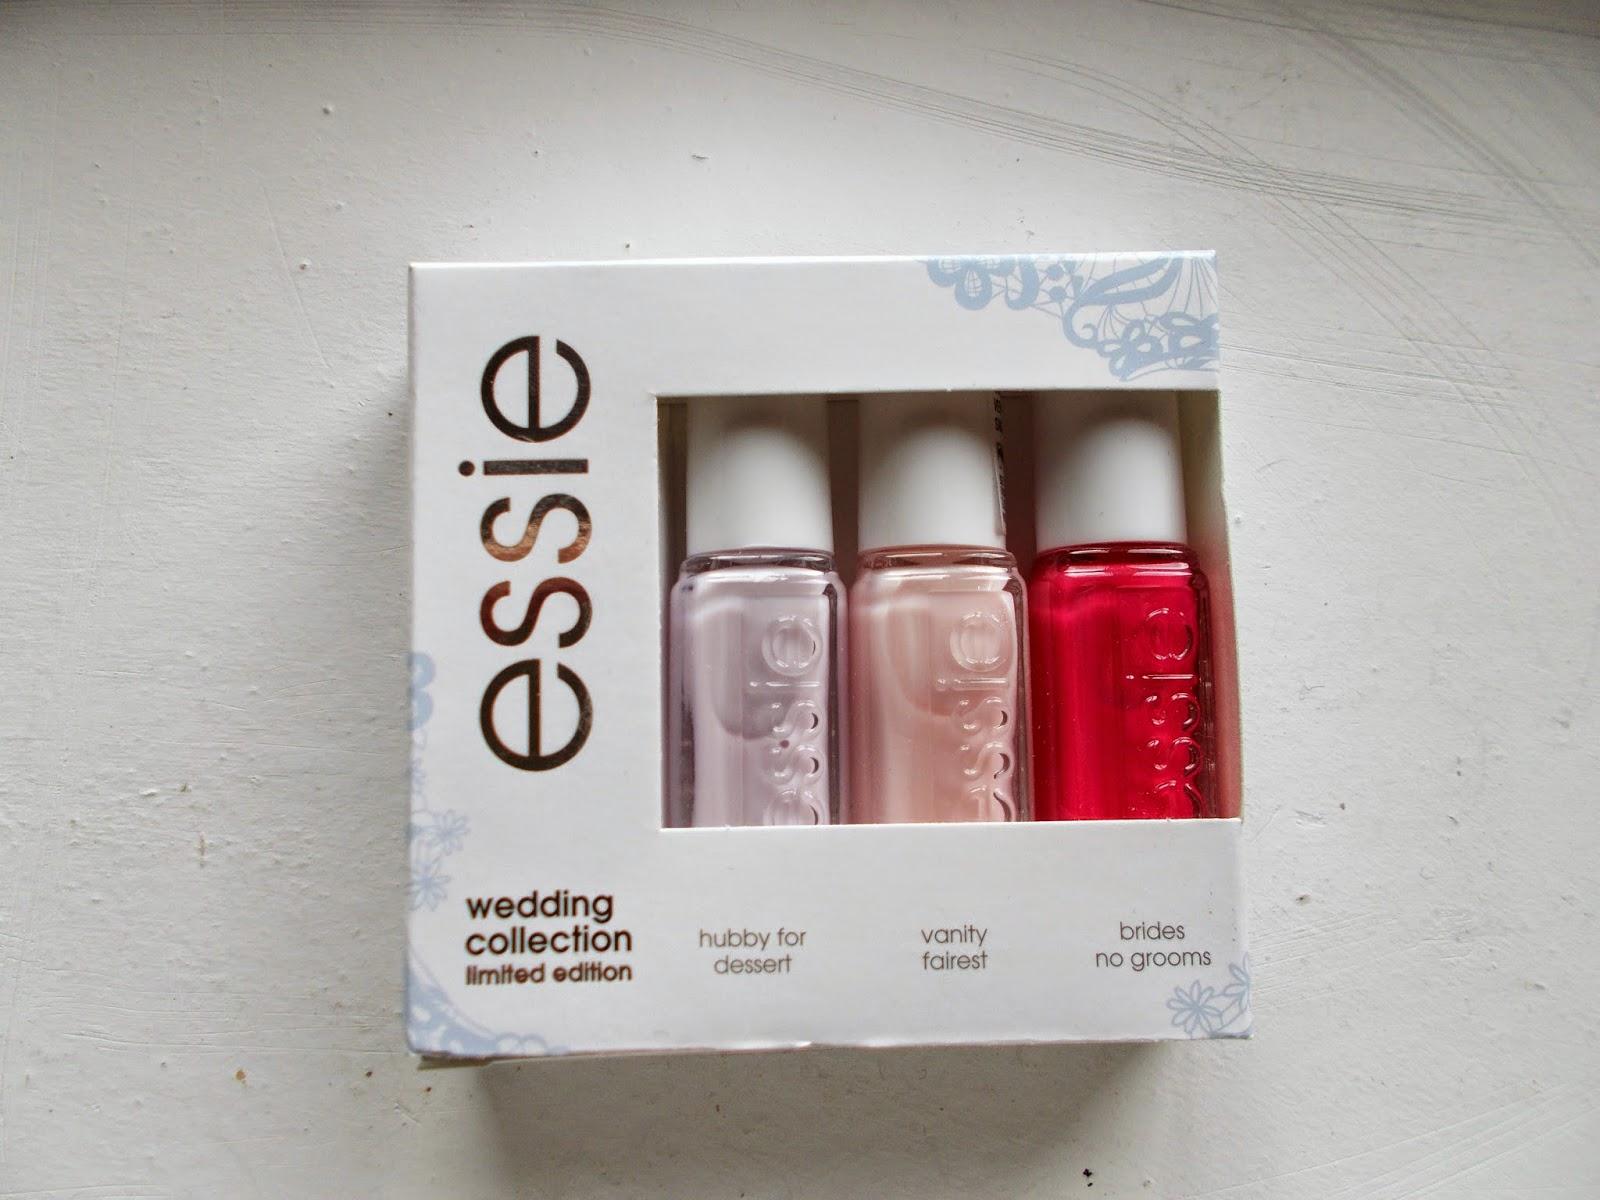 """<img src=""""essie.jpg"""" alt=""""essie wedding trio hubby for dessert vanity fairest brides no grooms"""">"""